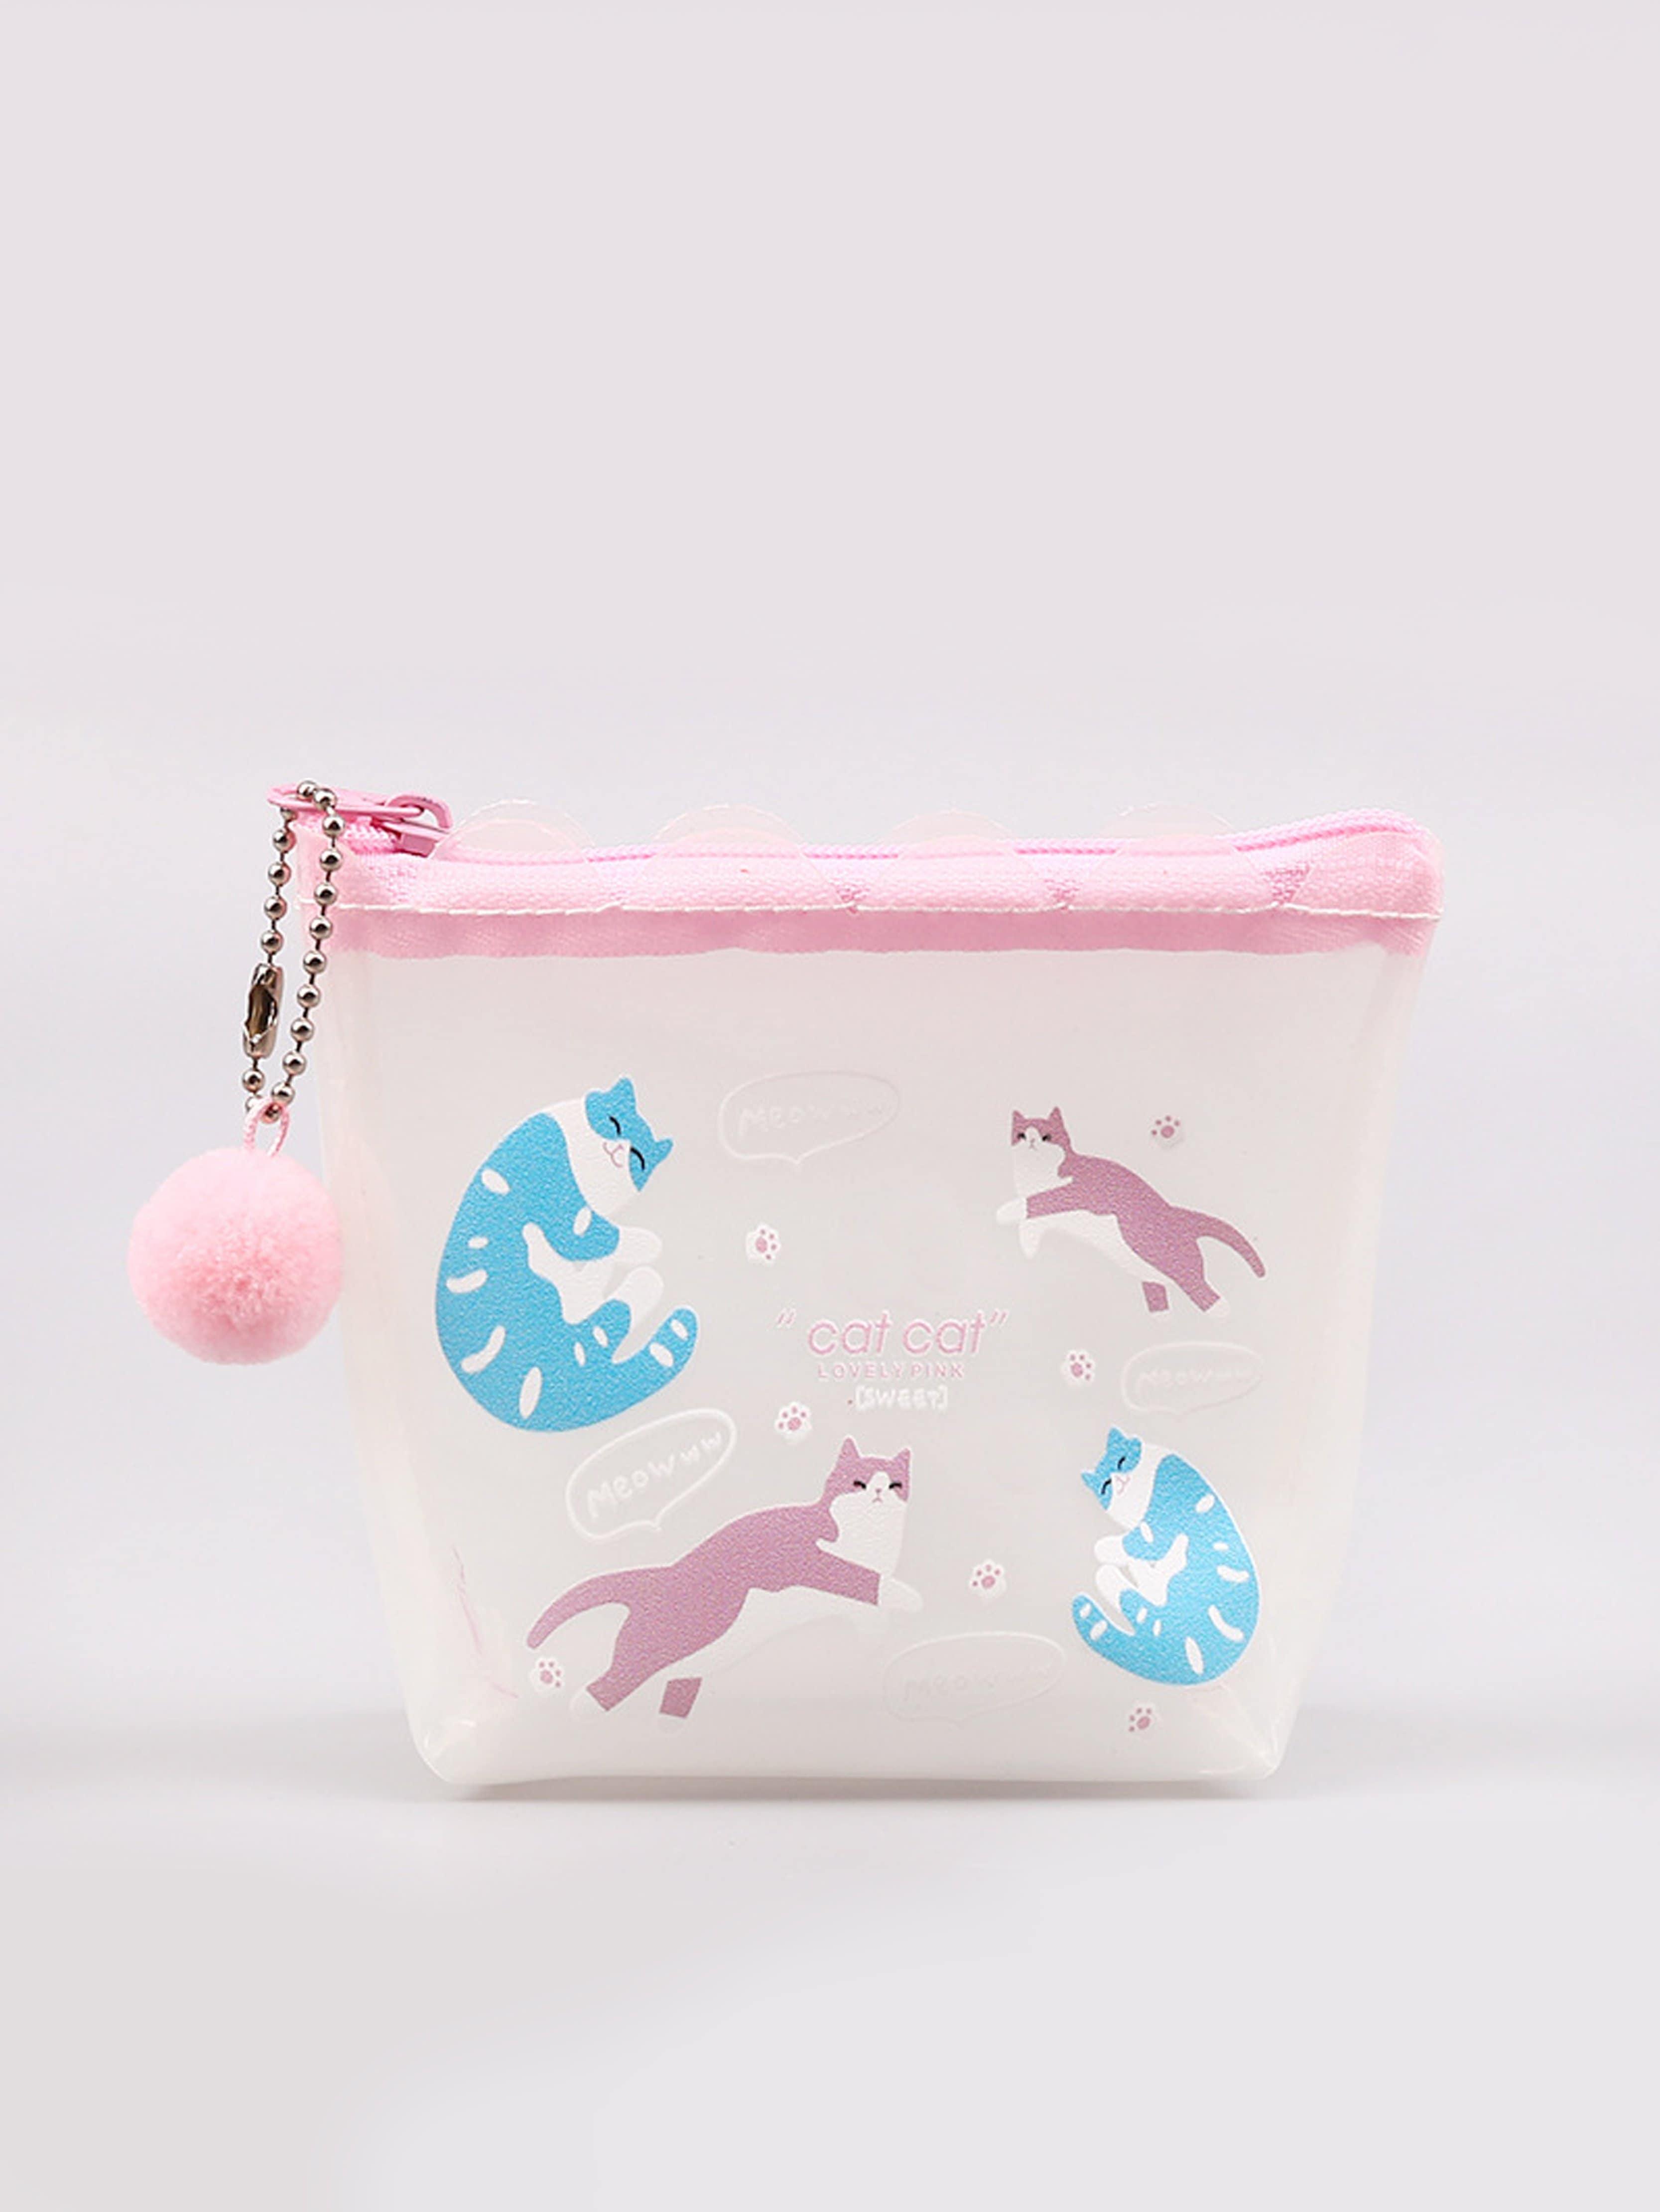 Cat Print Coin Purse 2017 cute girls coin purses small coin bag key ring kawaii bag kids mini wallet card holders leather cartoon coin purse1bw73